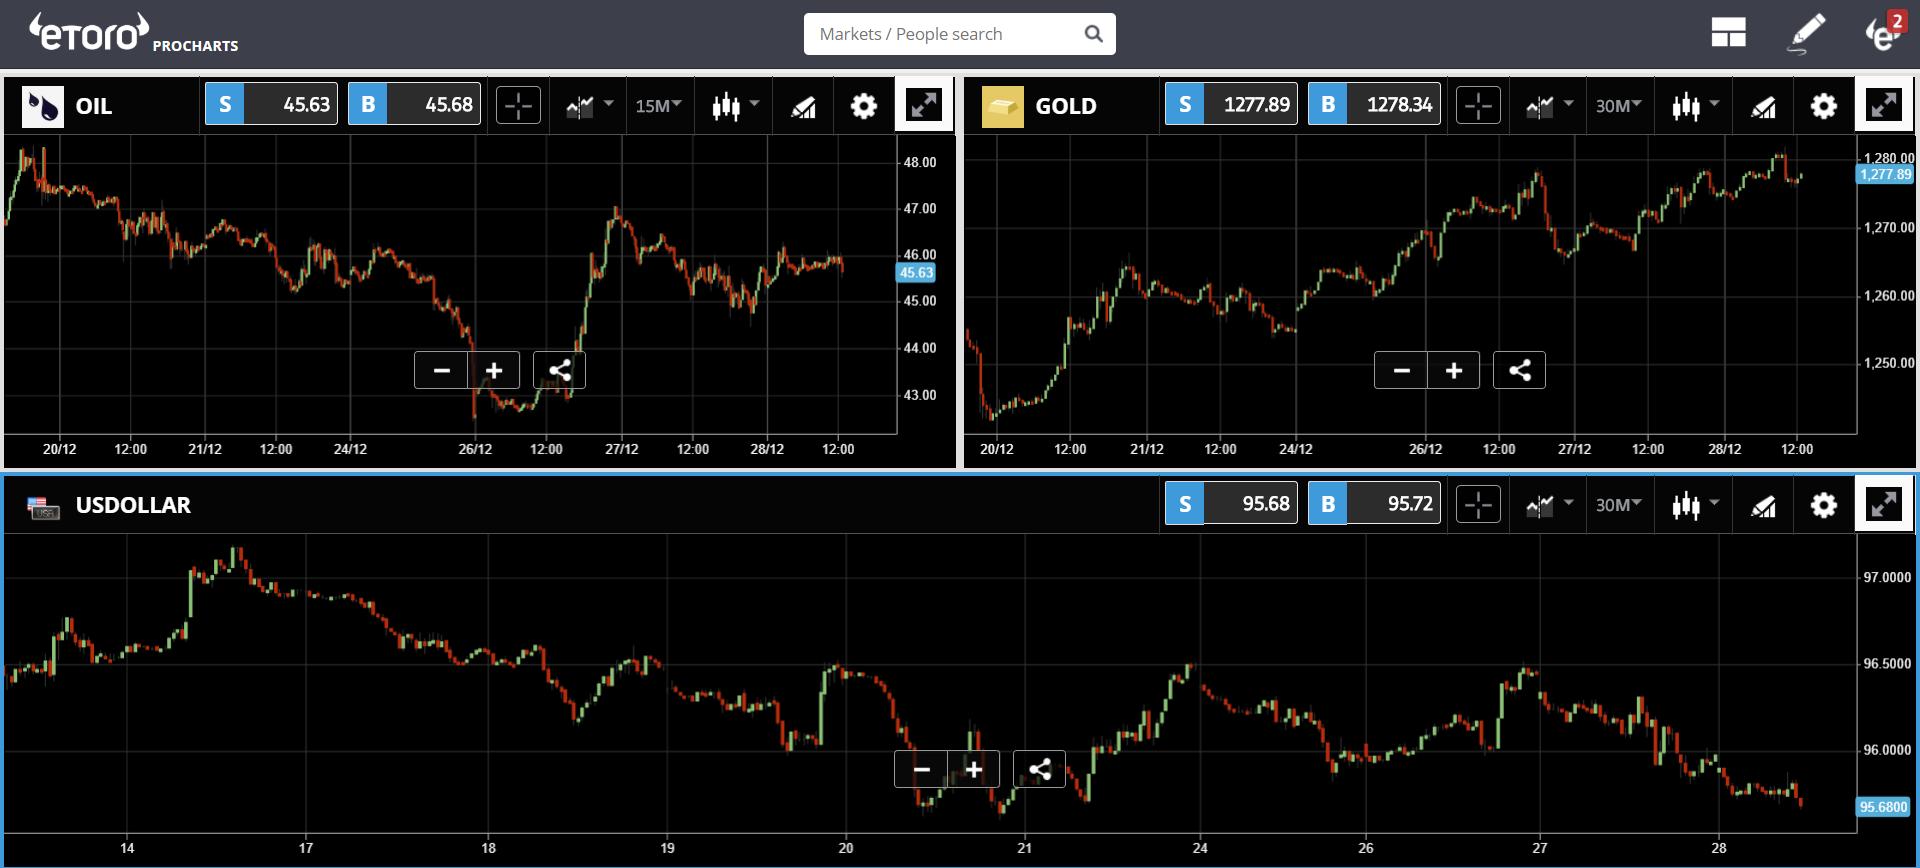 bitcoin, cryptocurrency, trading, markets, market, crypto